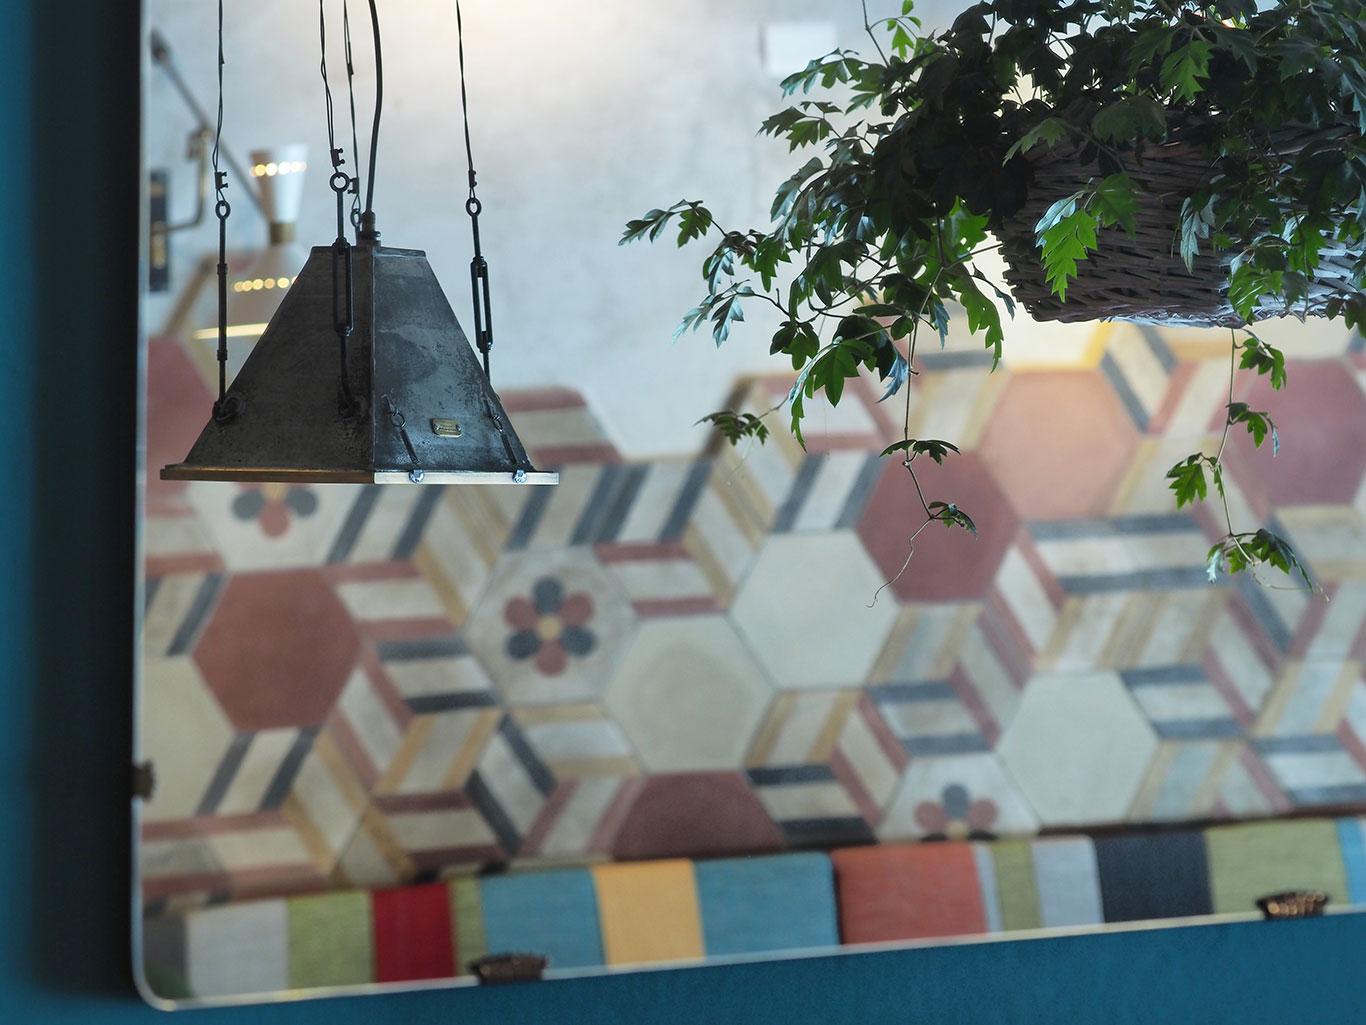 Luppoleria - Vanda Designers - Bar Design - Piacenza